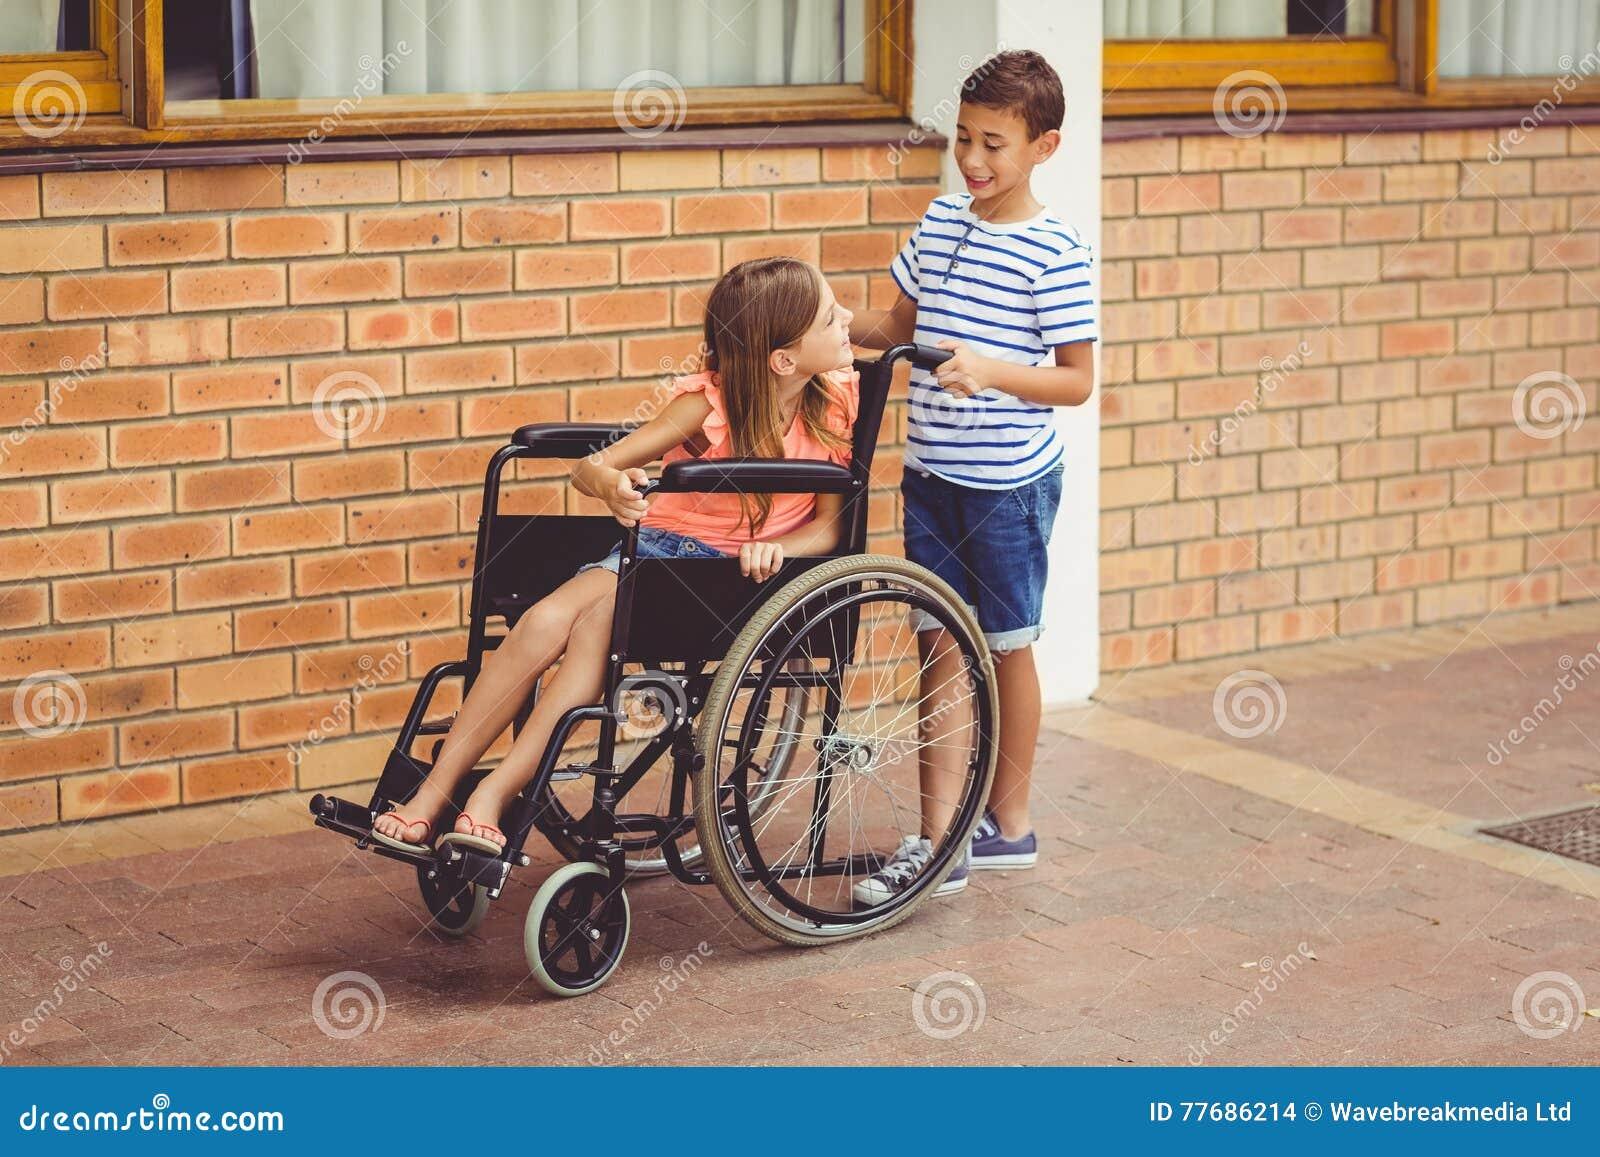 Dieta wózkowicza - sunela.eu